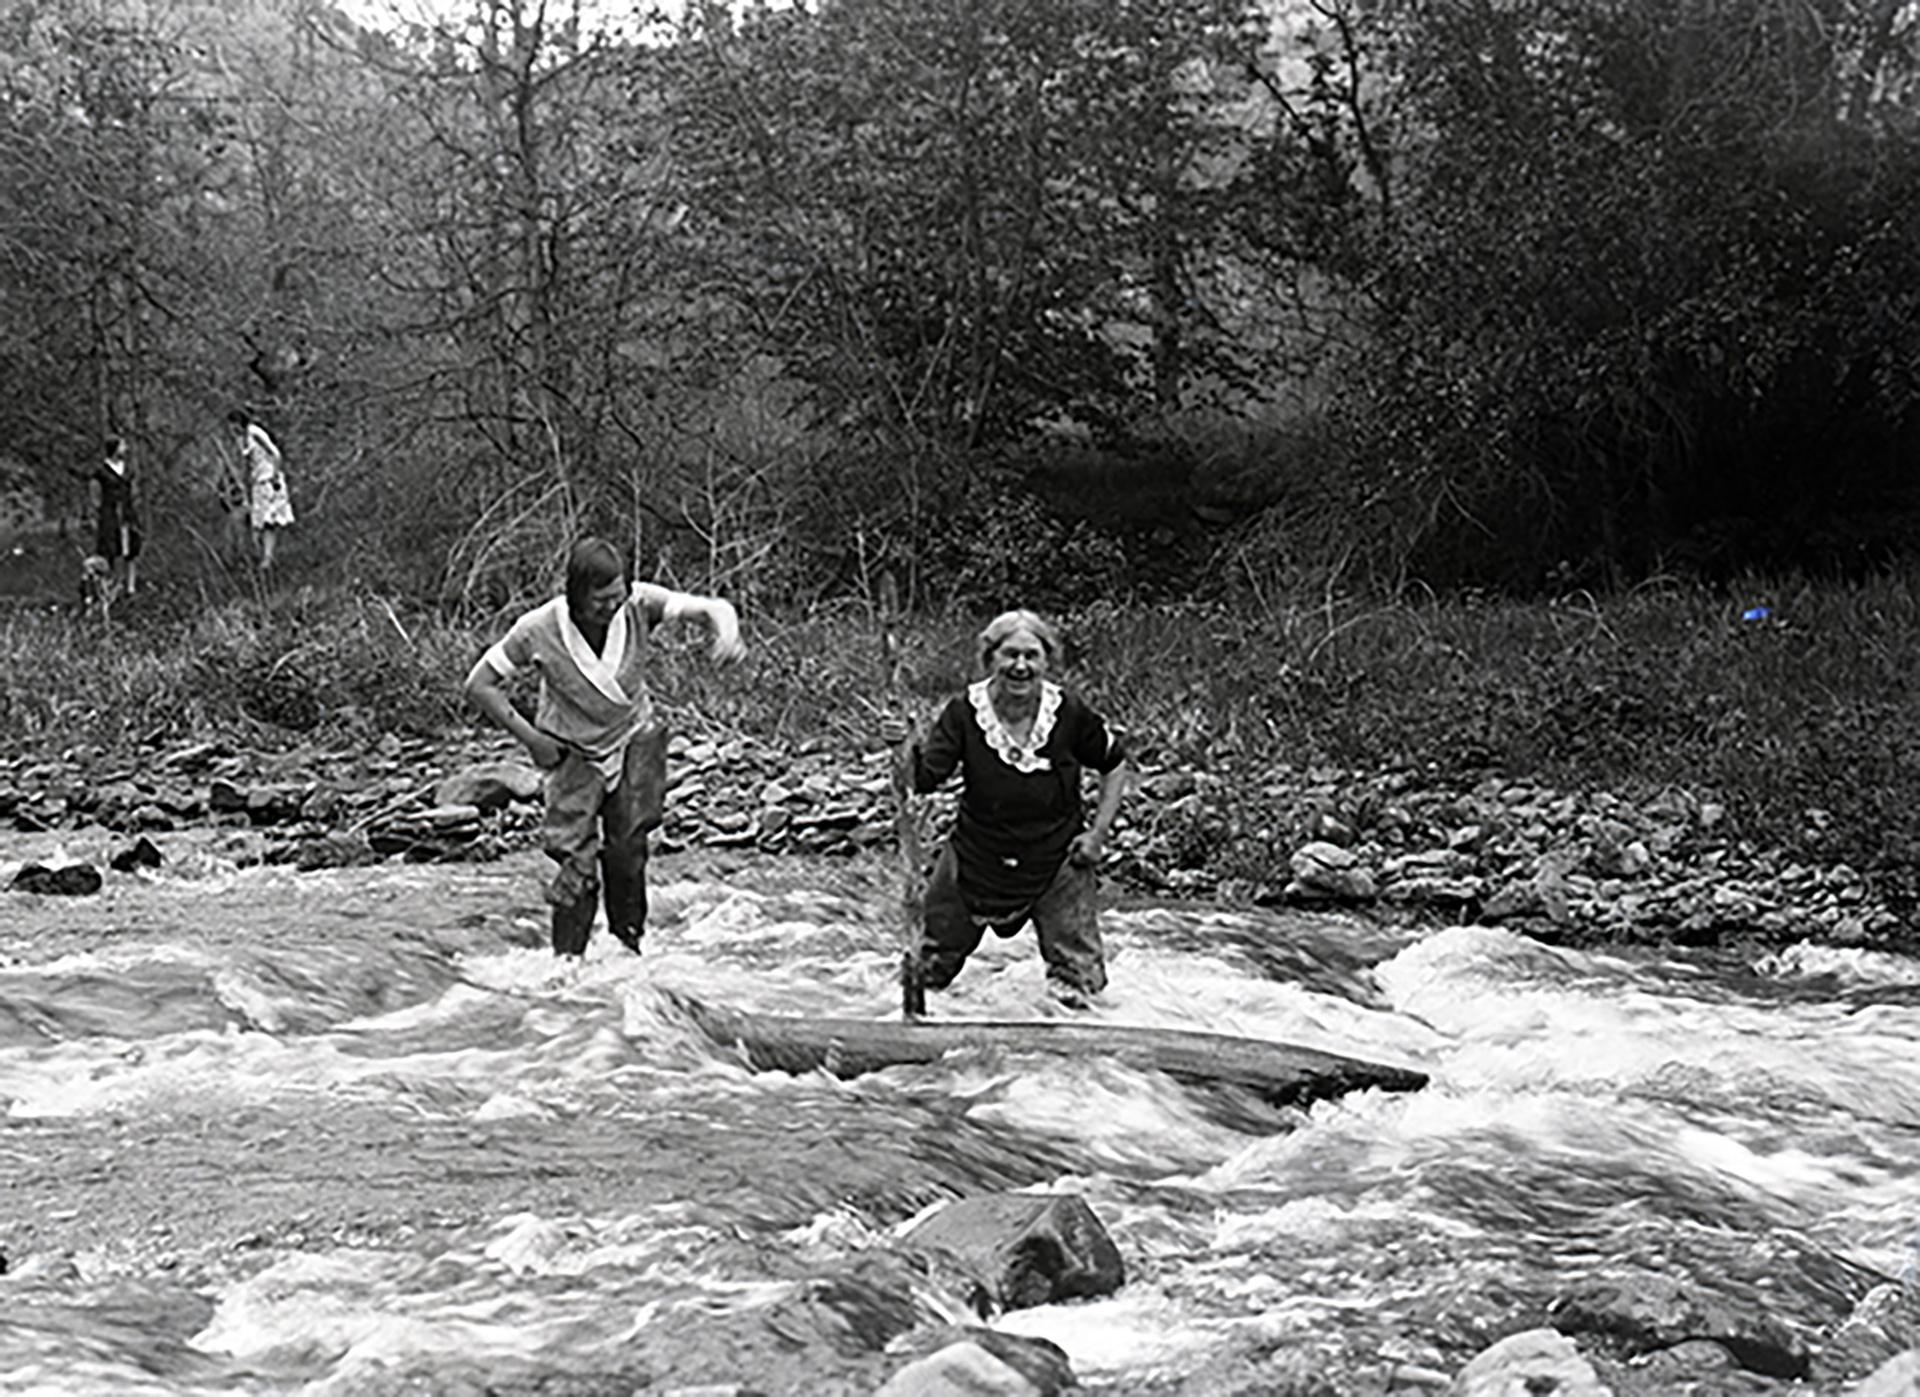 Image - crossing the creek3.jpg